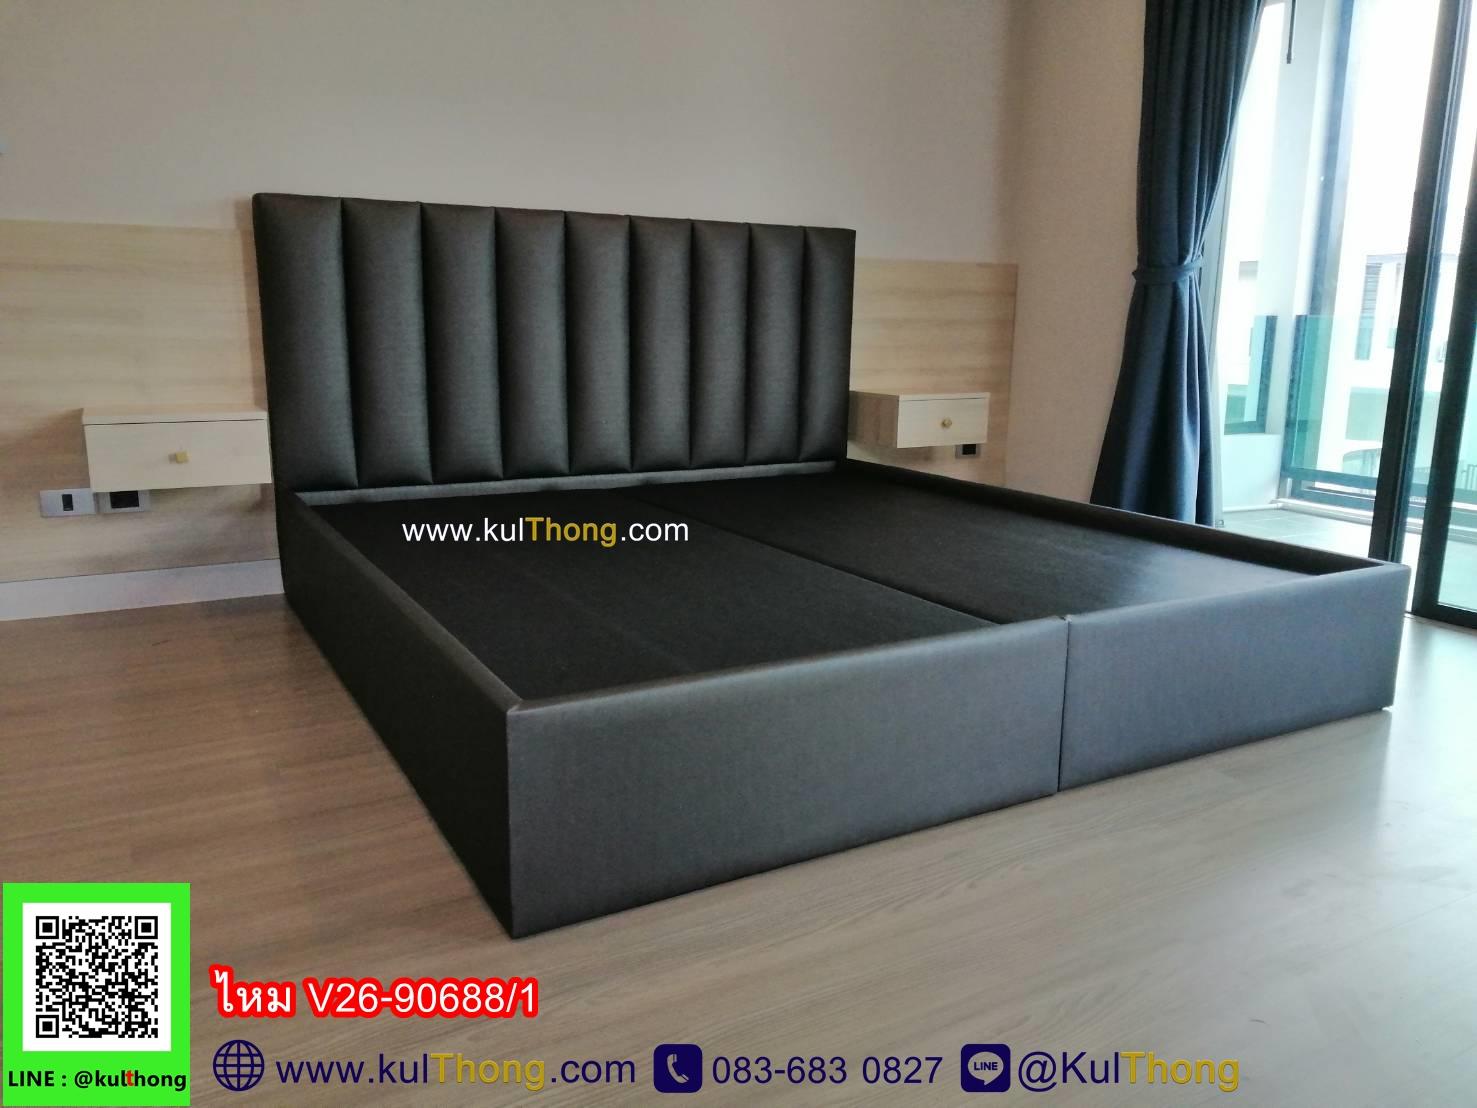 เตียงหุ้มหนังแบบมีหัวเตียง เตียงดีไซน์ เตียงสั่งผลิต ฐานรองที่นอน